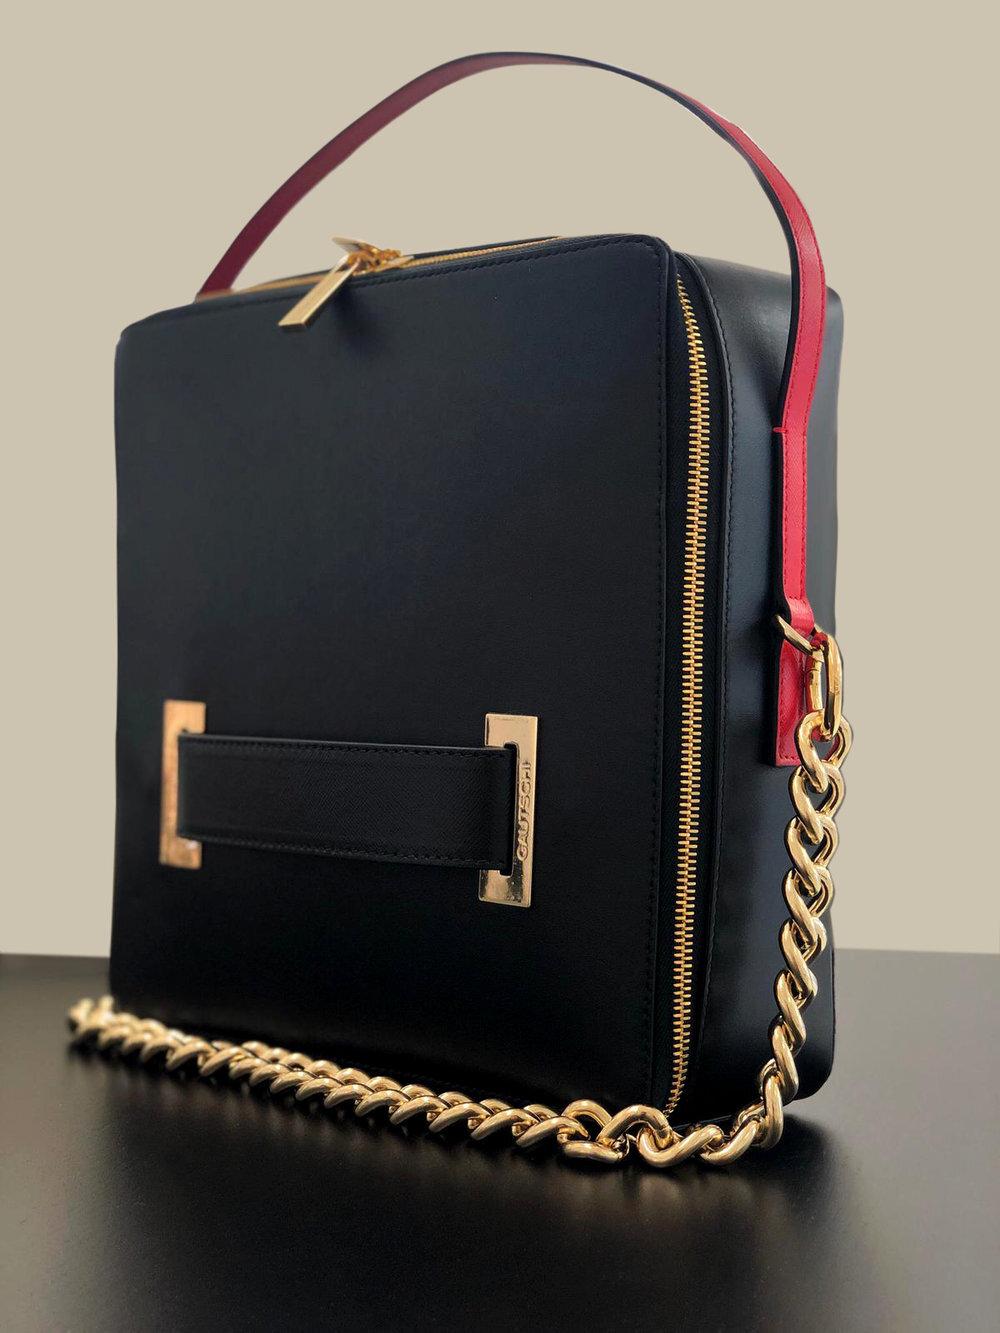 VG-CubeBag-BlackRuby.jpg